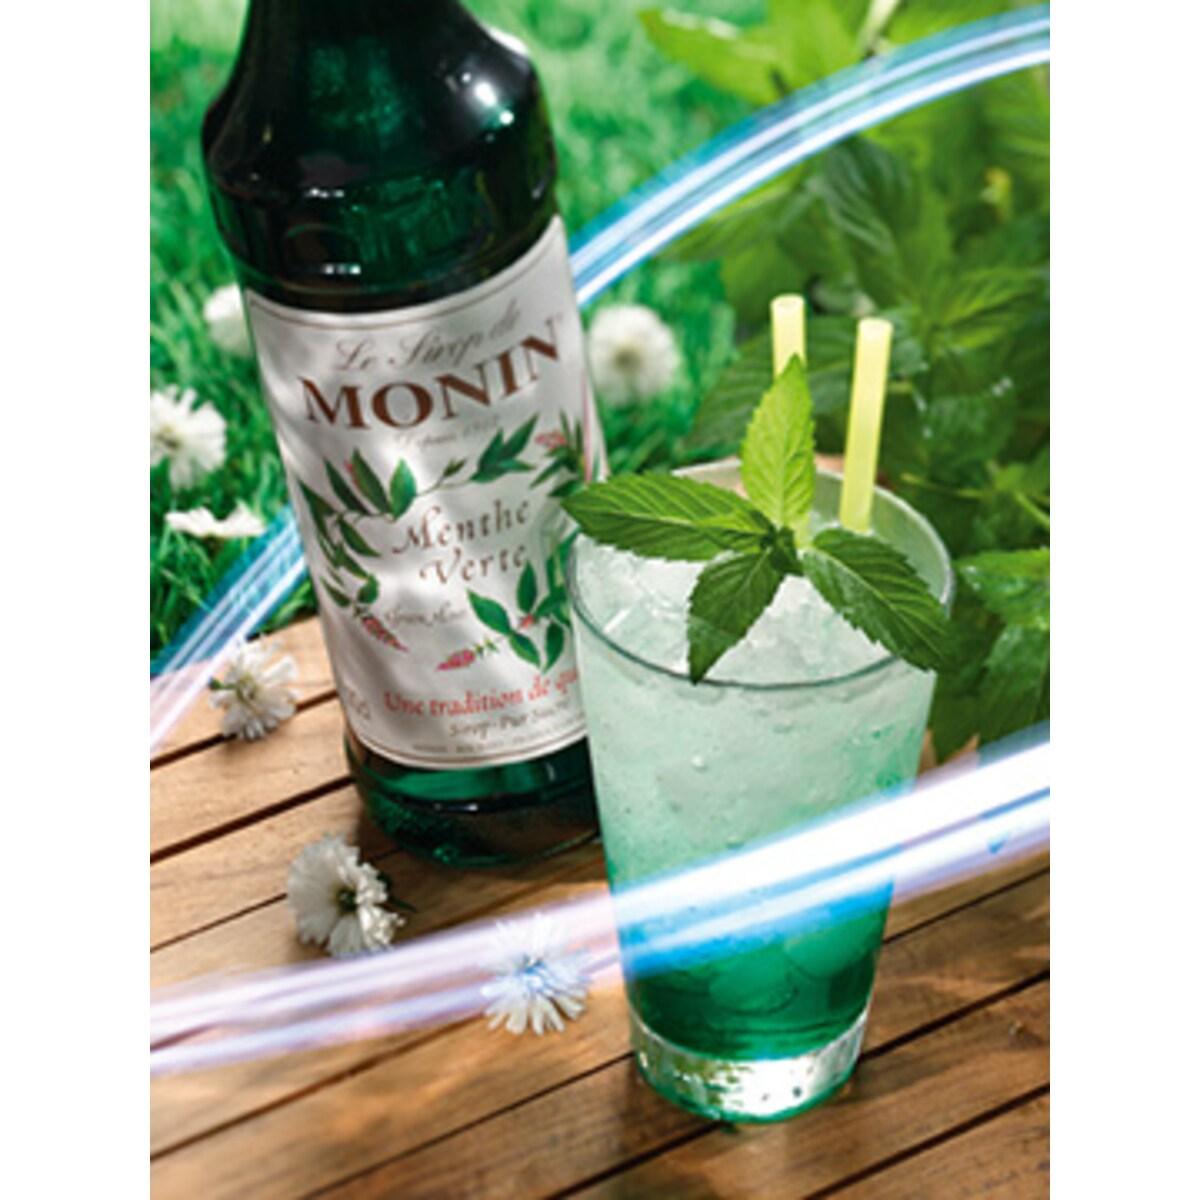 Монин Зелена мента